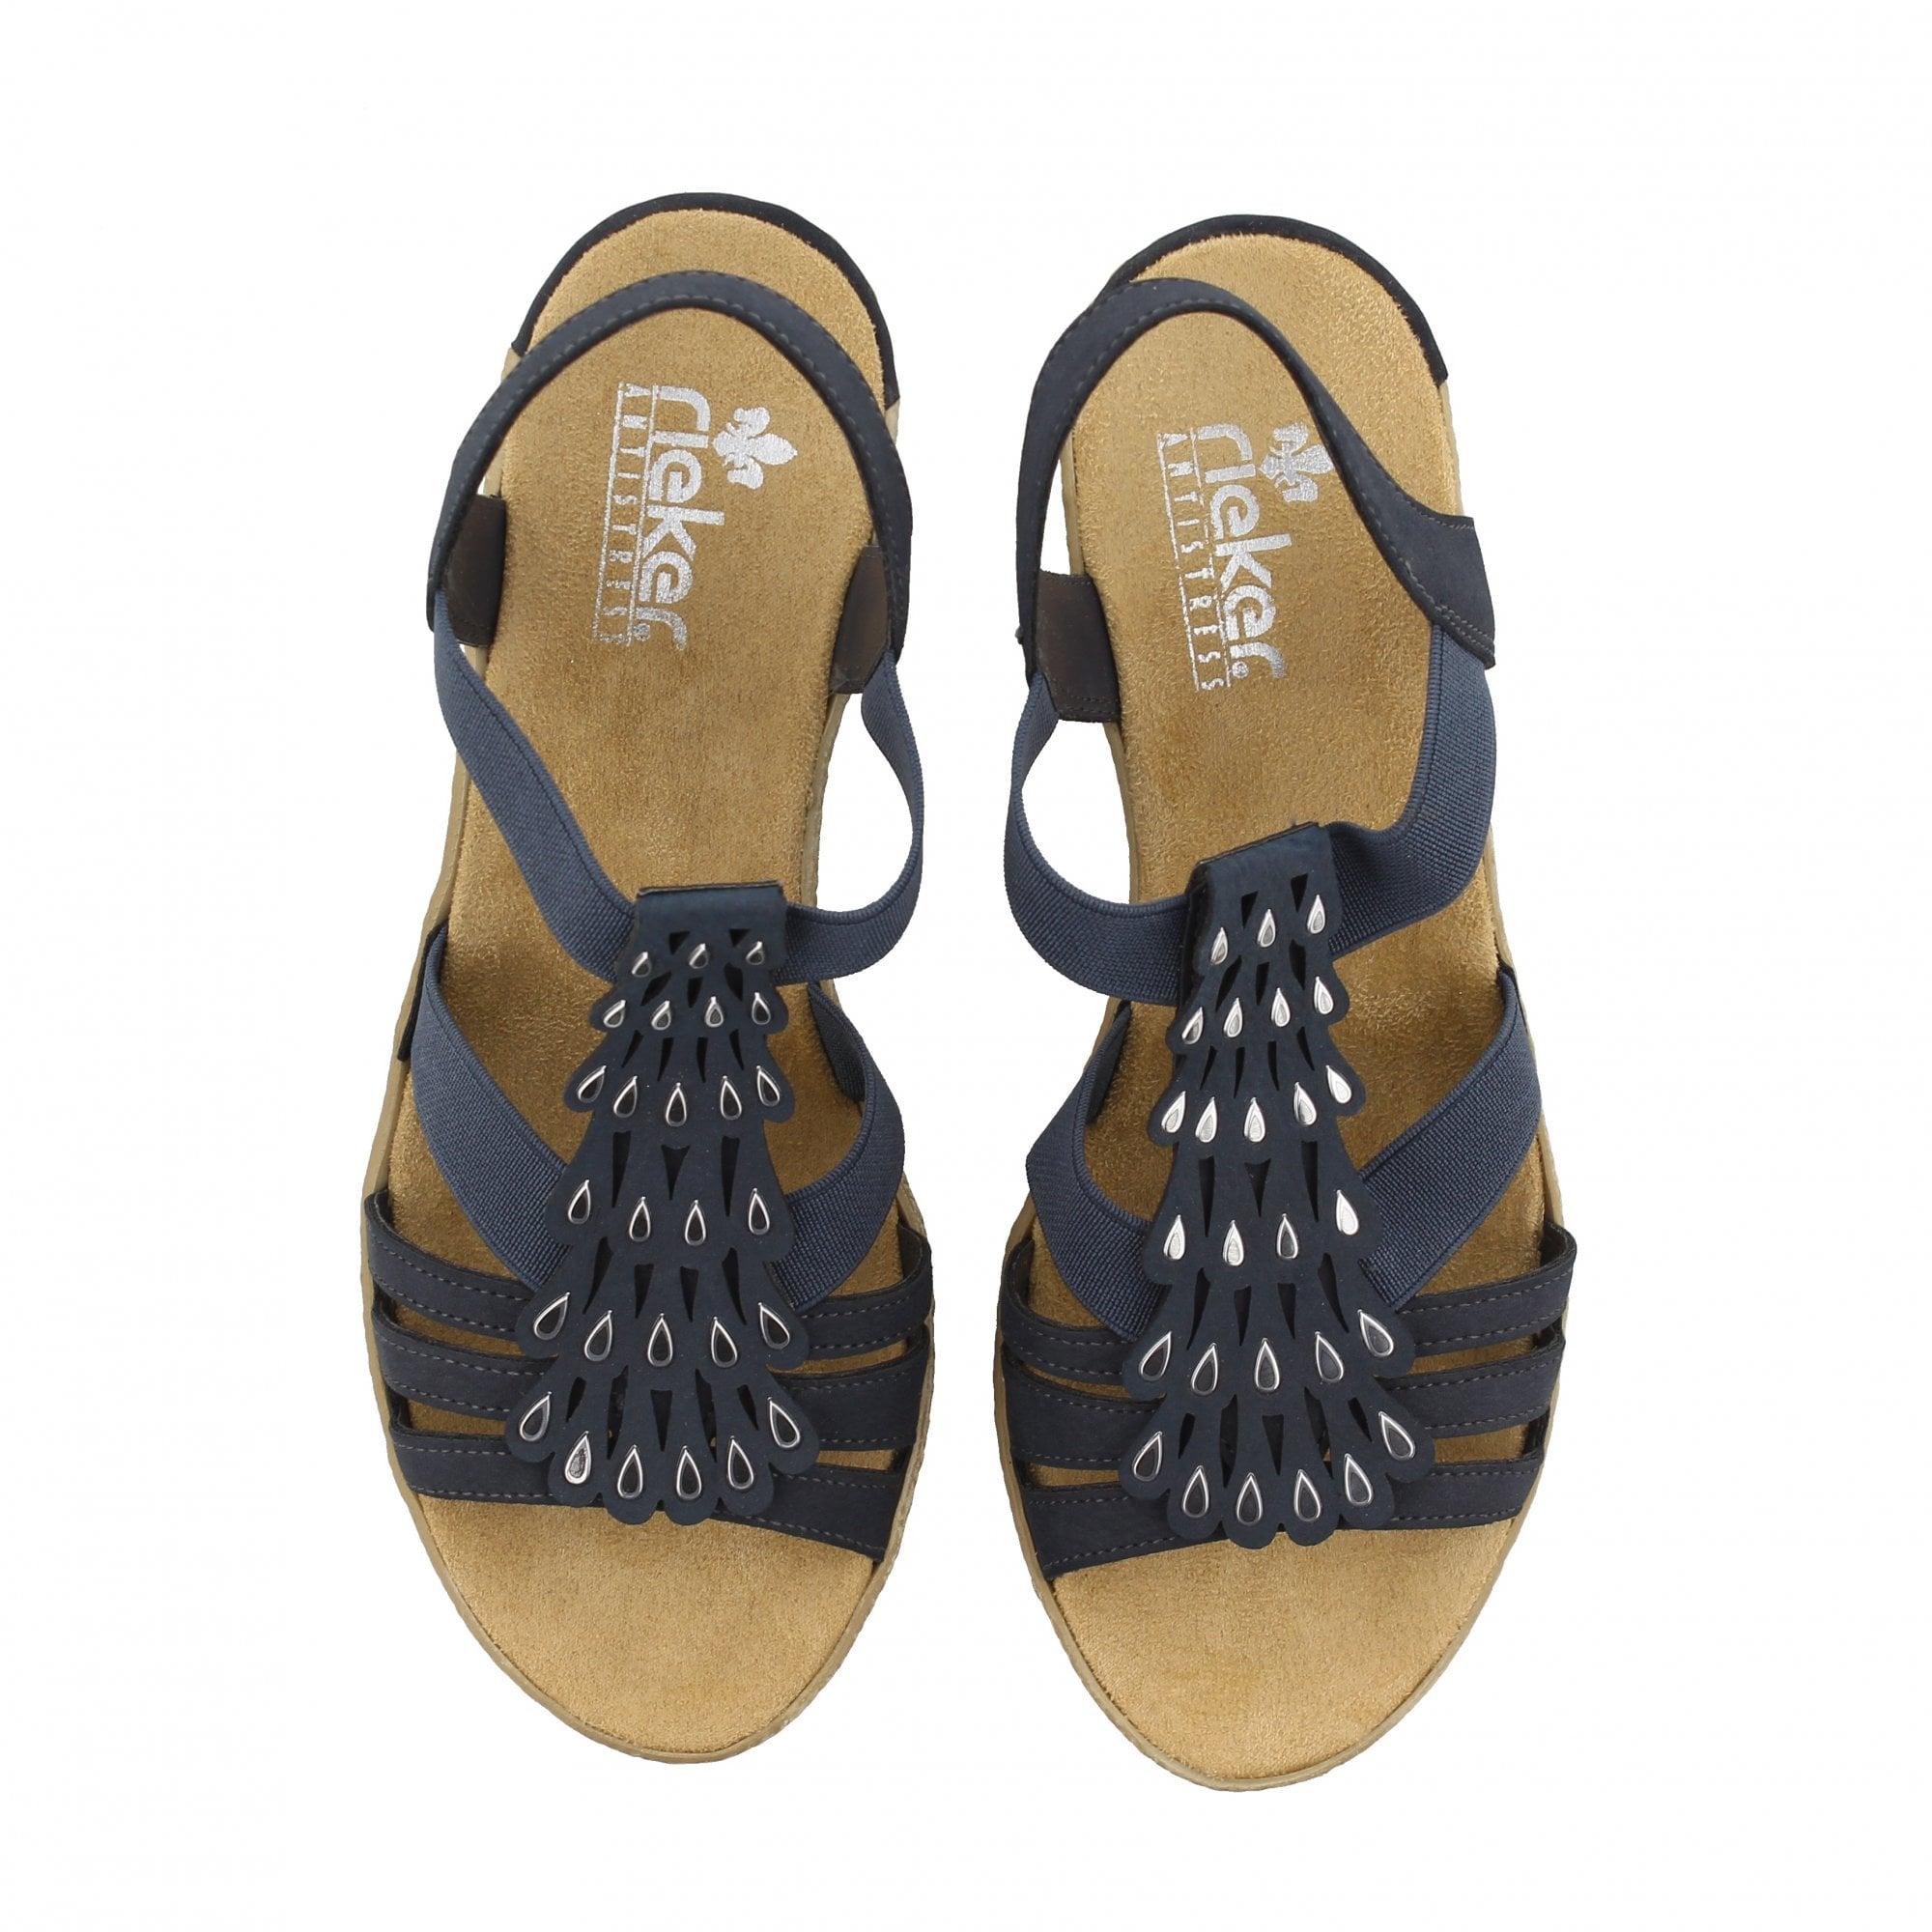 72b5311bd35d Rieker 62436-14 Espadrilles Navy Silver Womens Sandals